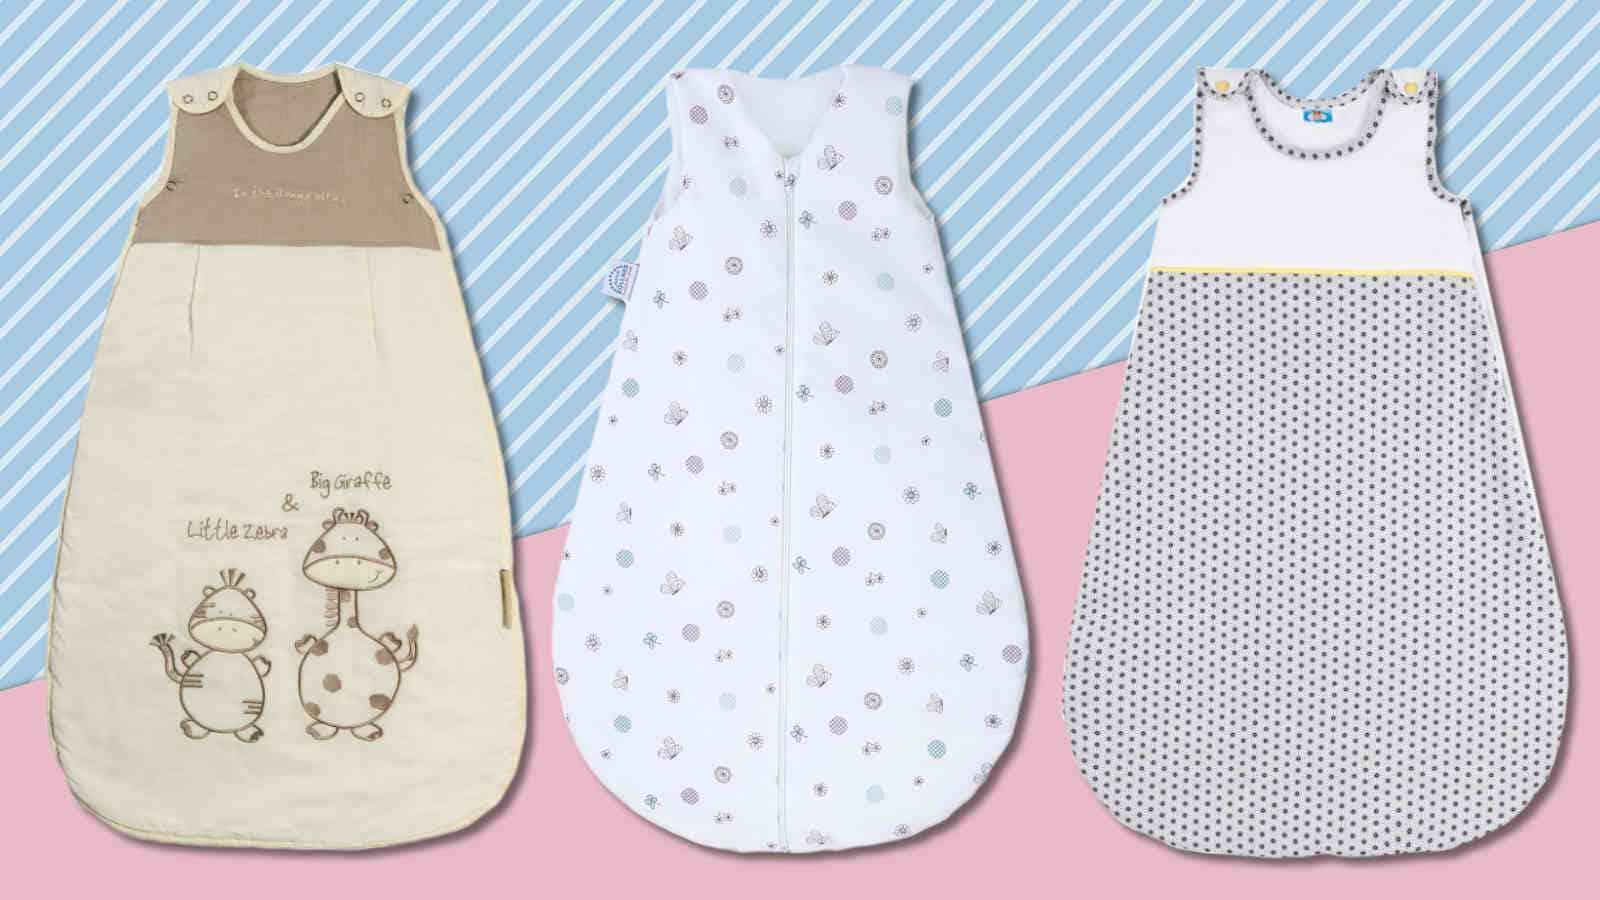 Babyschlafsack- 6 besten Schlafsäcke für Babys + Kaufratgeber (2019)